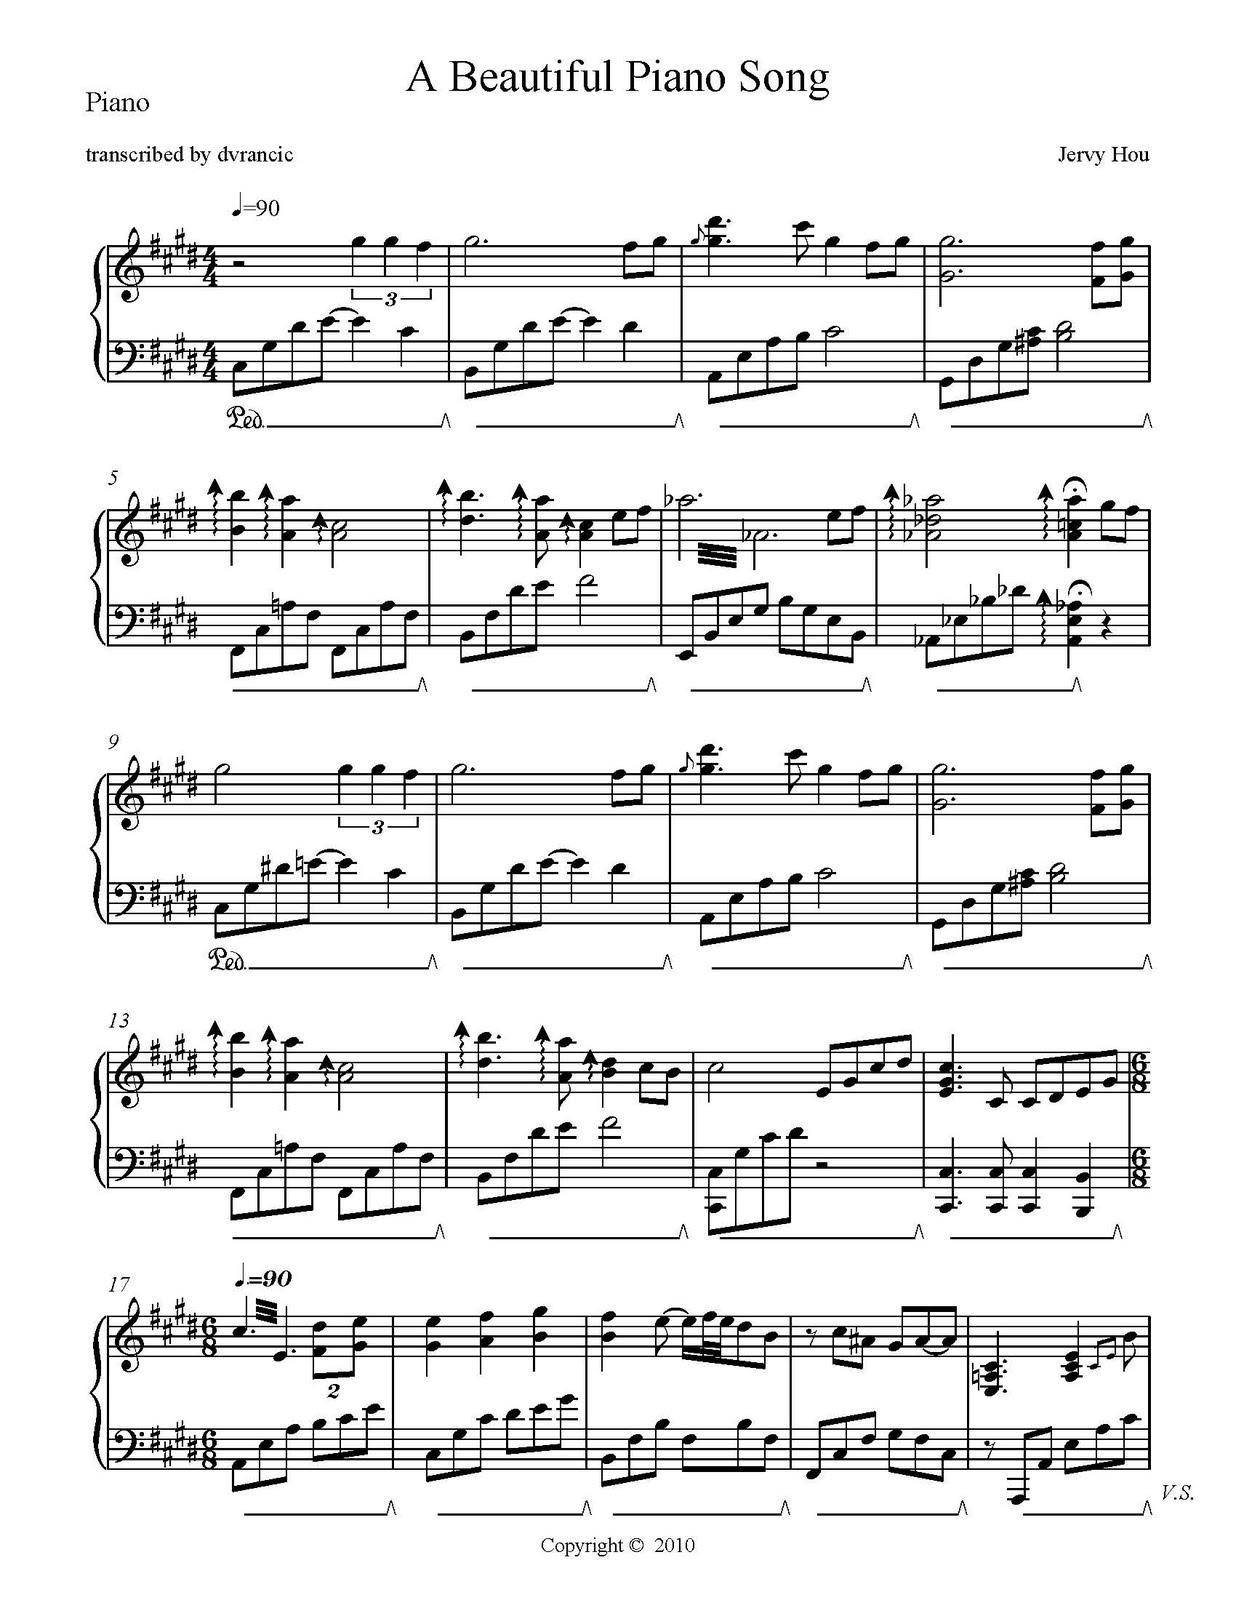 Beautiful Piano Song - Free Sheet Music